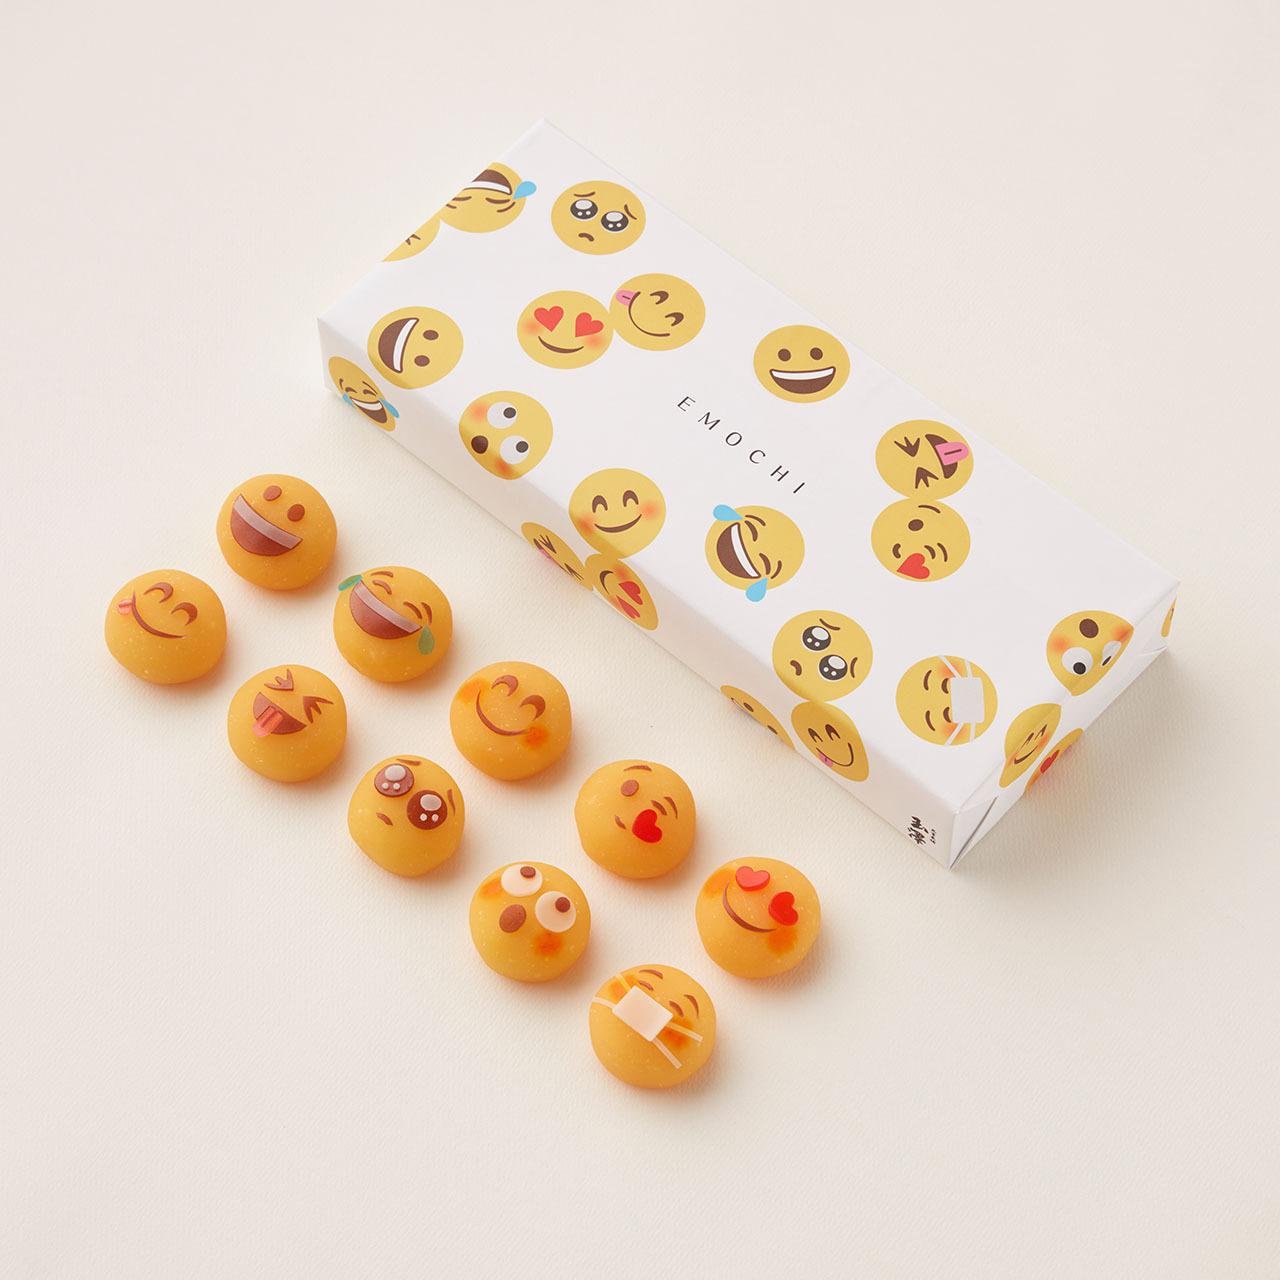 上和生菓子 EMOCHI(えもち) 10個入【全種類セット】